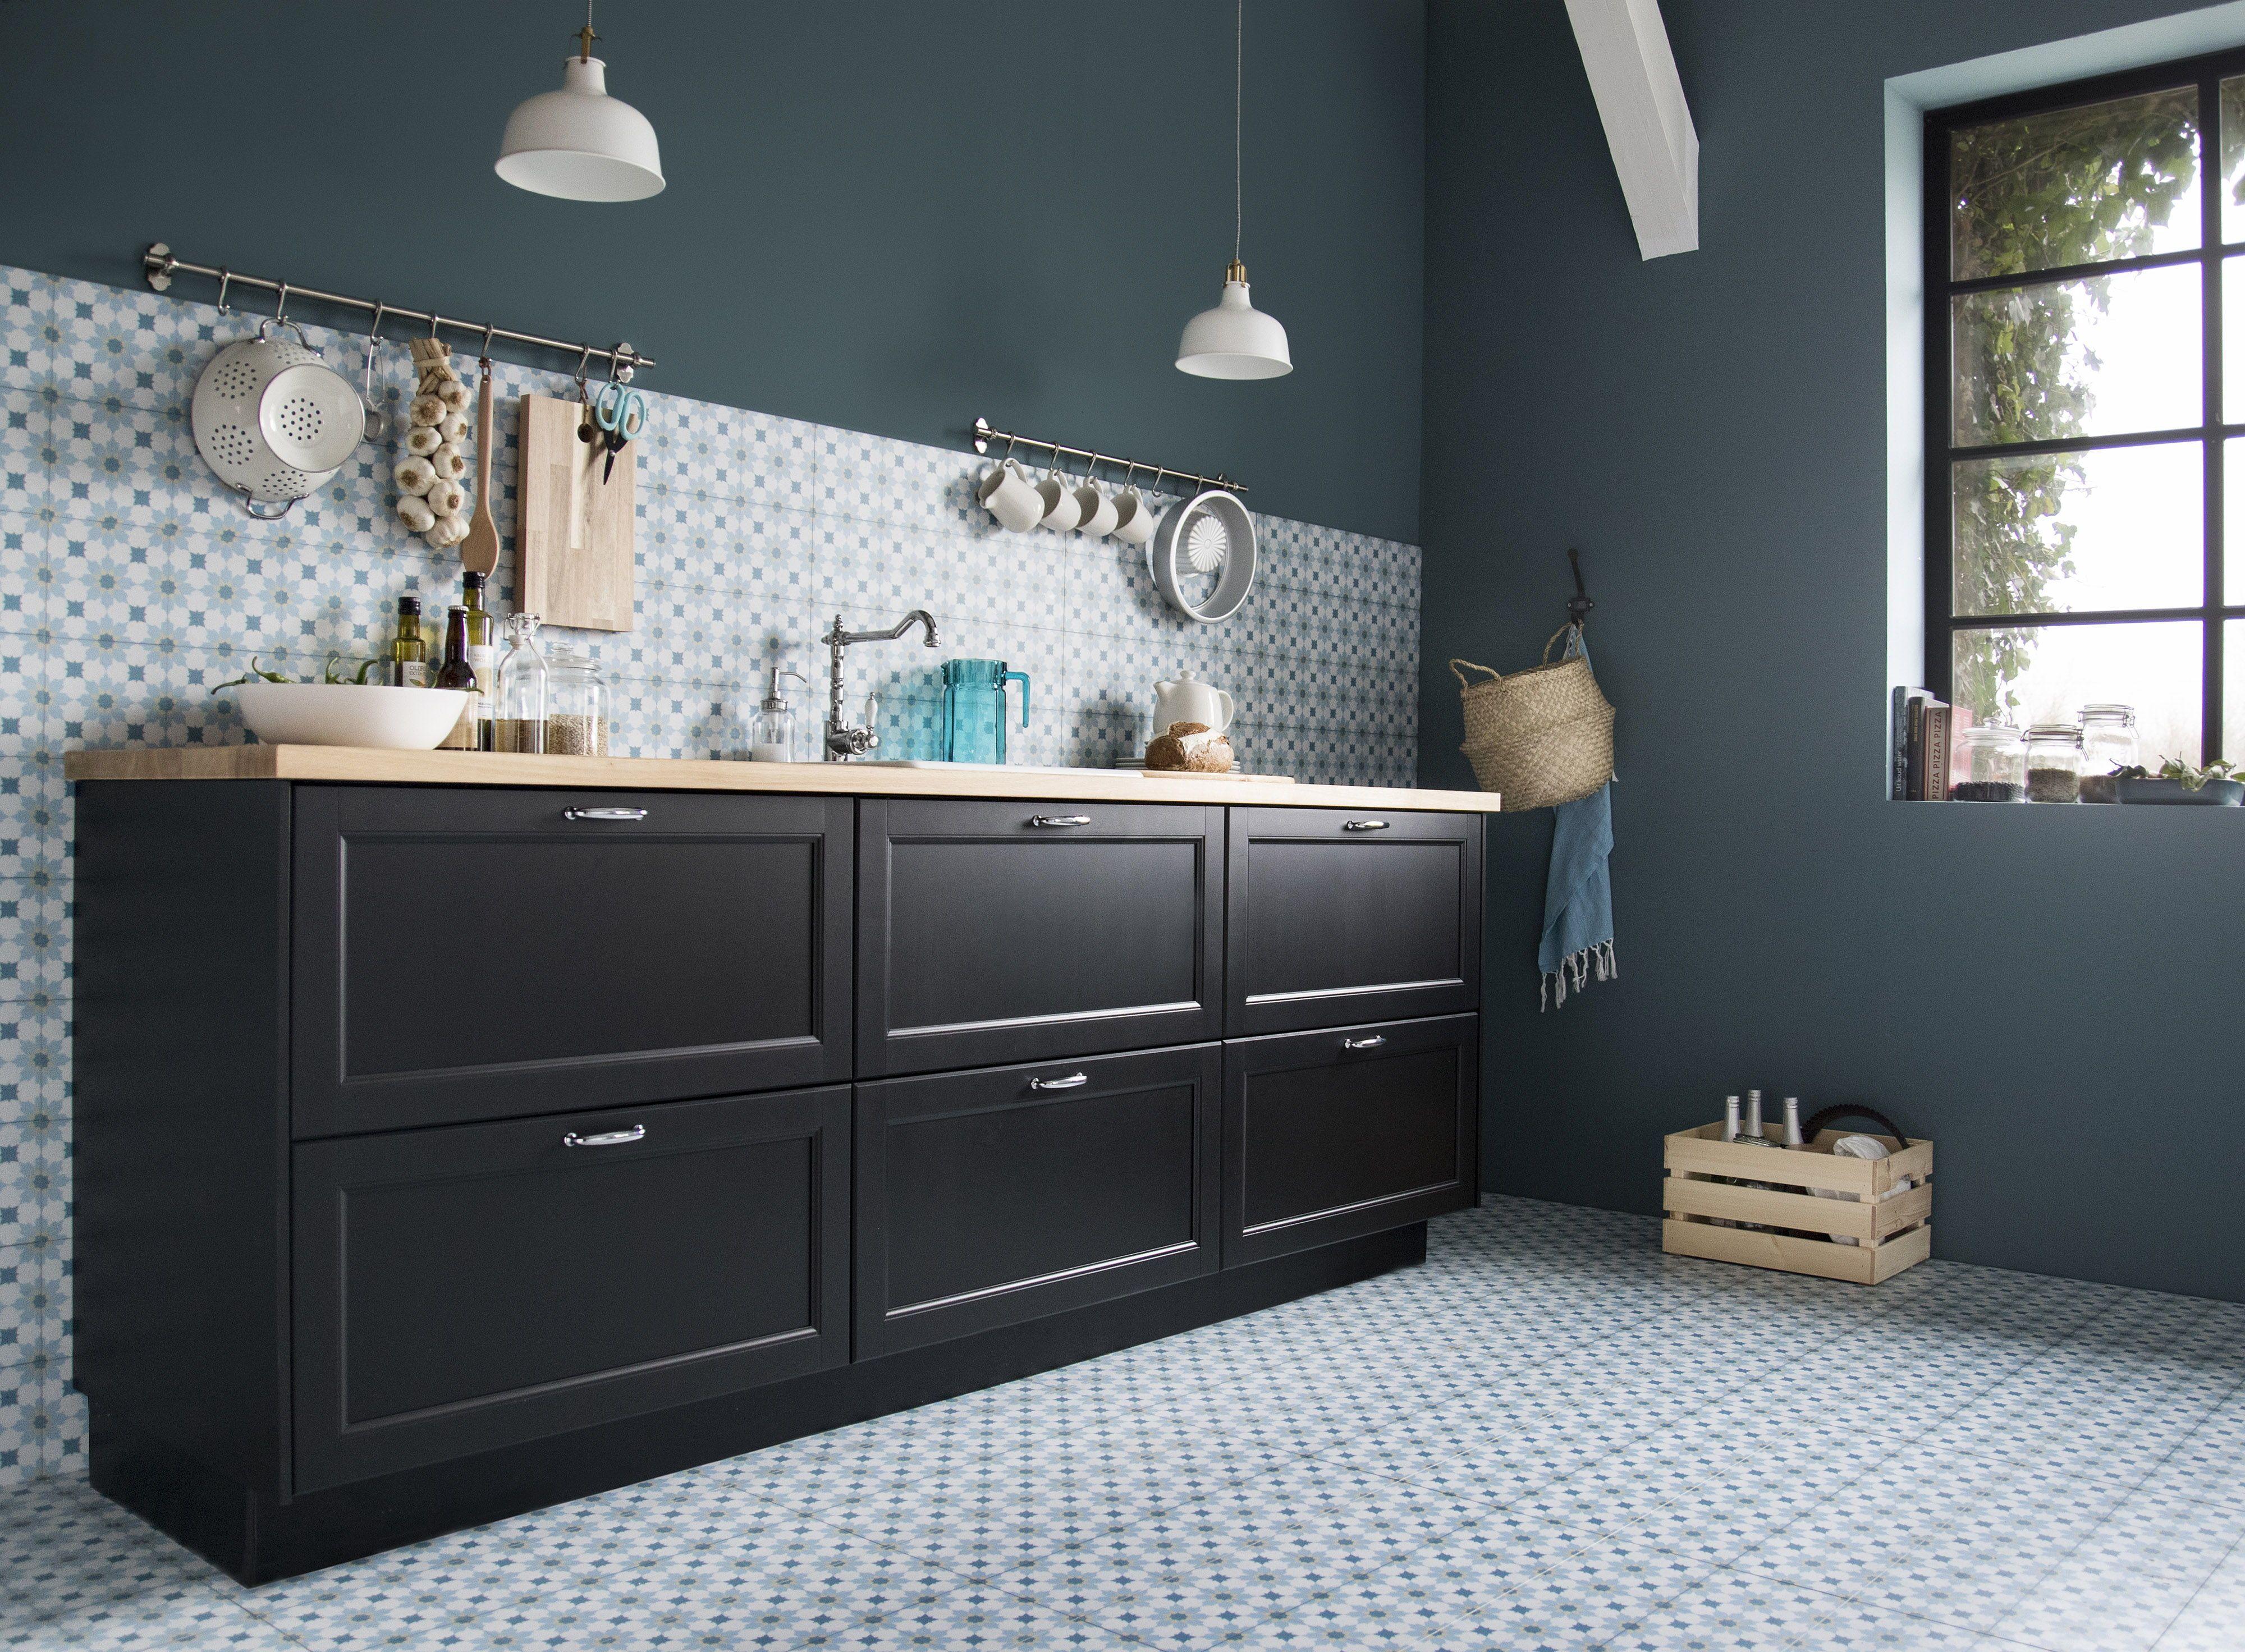 Keuken Tegels Ikea : Lerhyttan deur zwart gelazuurd in keukens